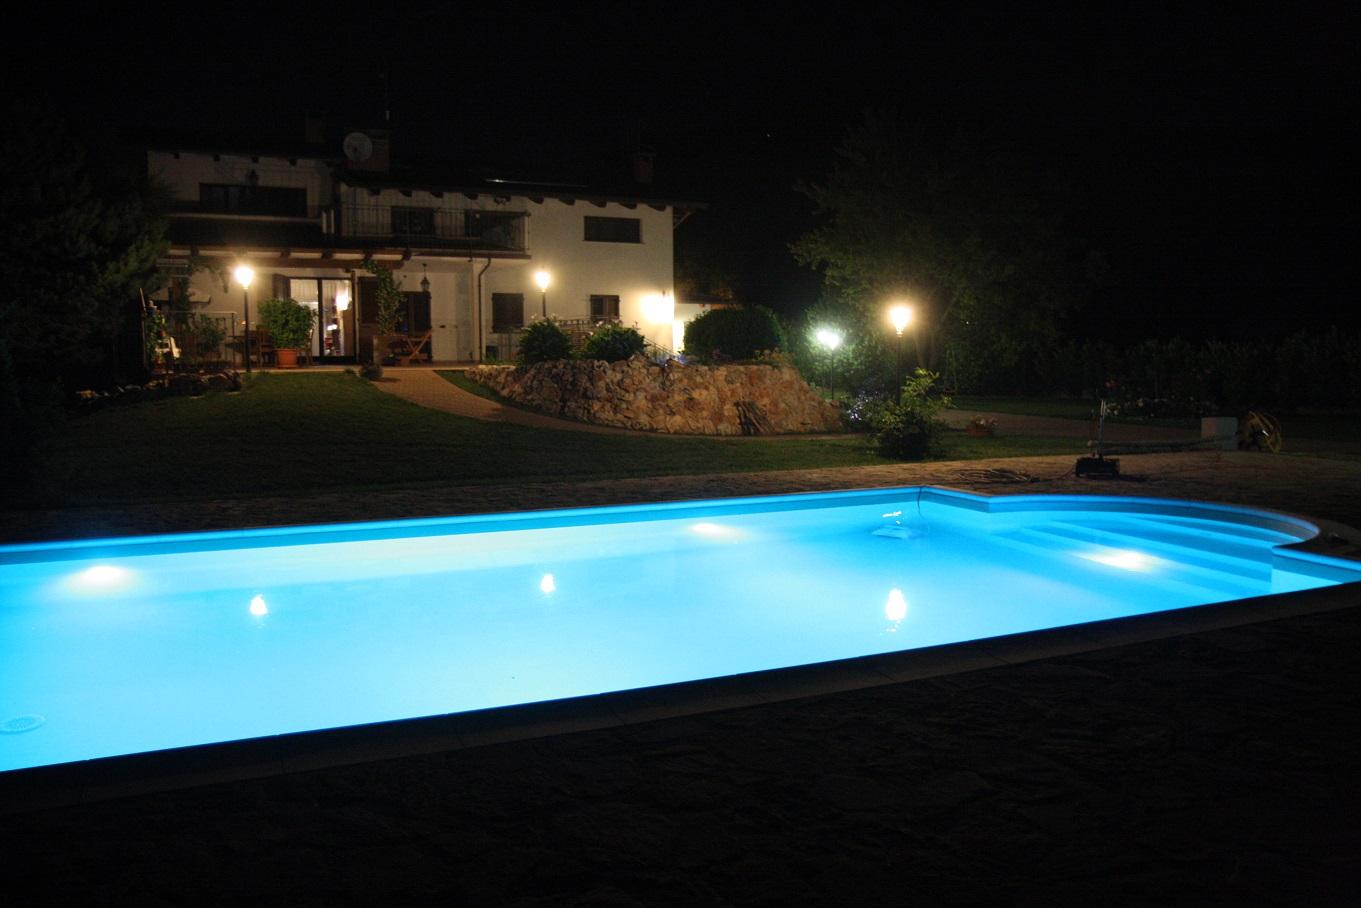 piscina con rivestimento in PVC armato colore sabbia ed illuminazione LED RGBBIANCO